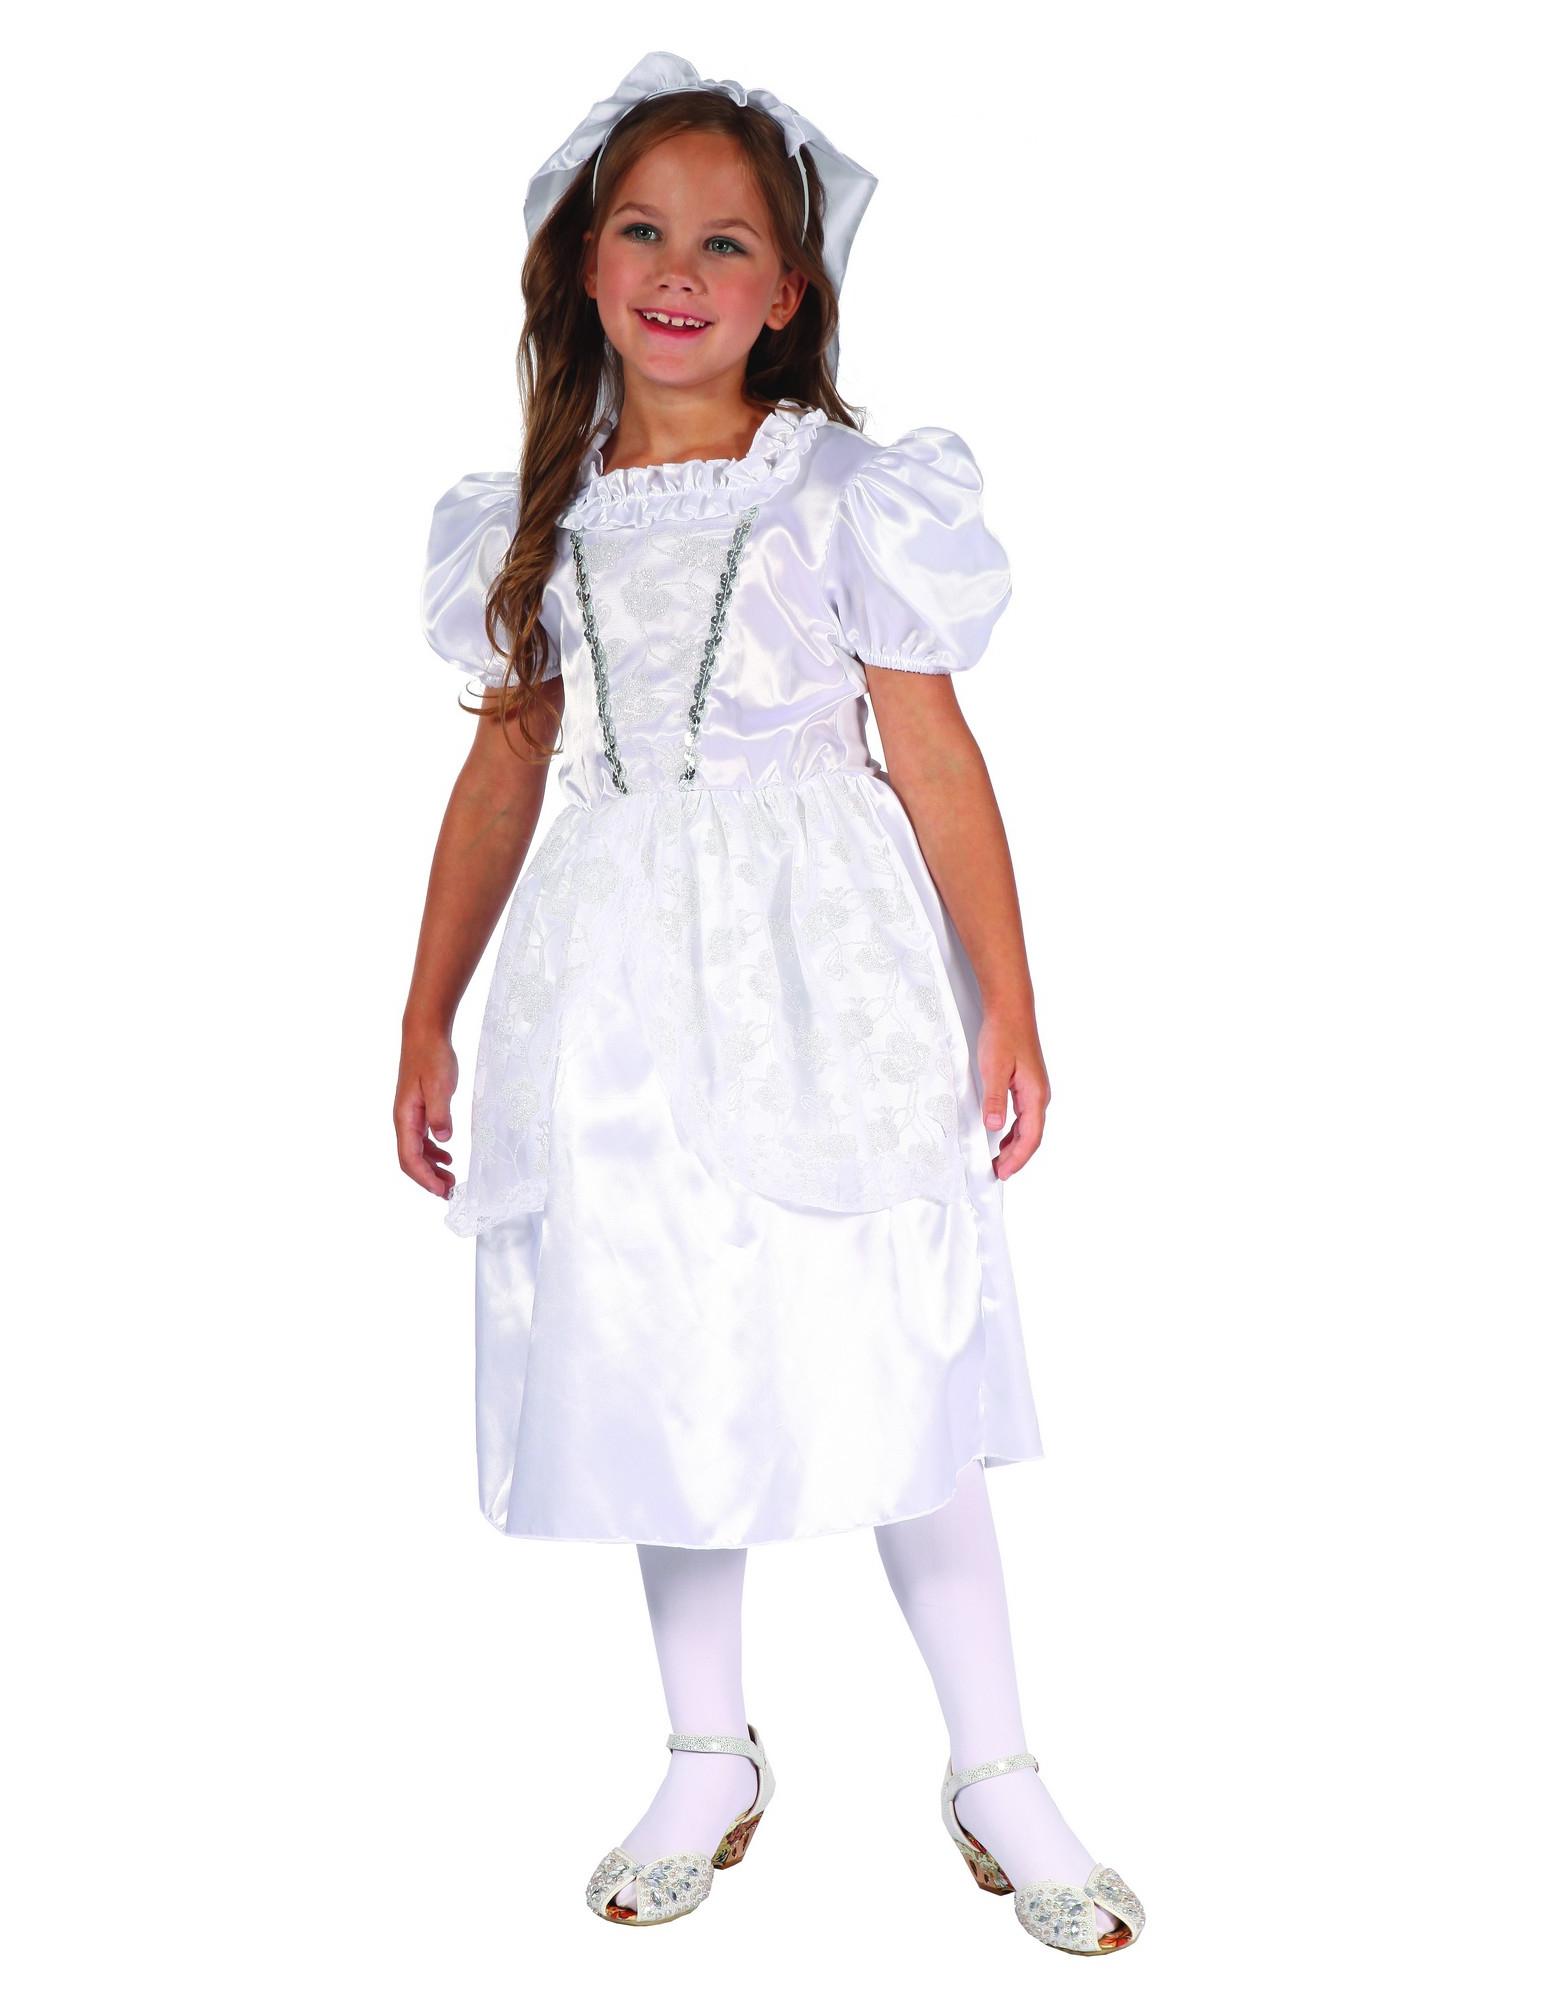 Braut-Kostüm für Mädchen Hochzeitskostüm weiss-silber